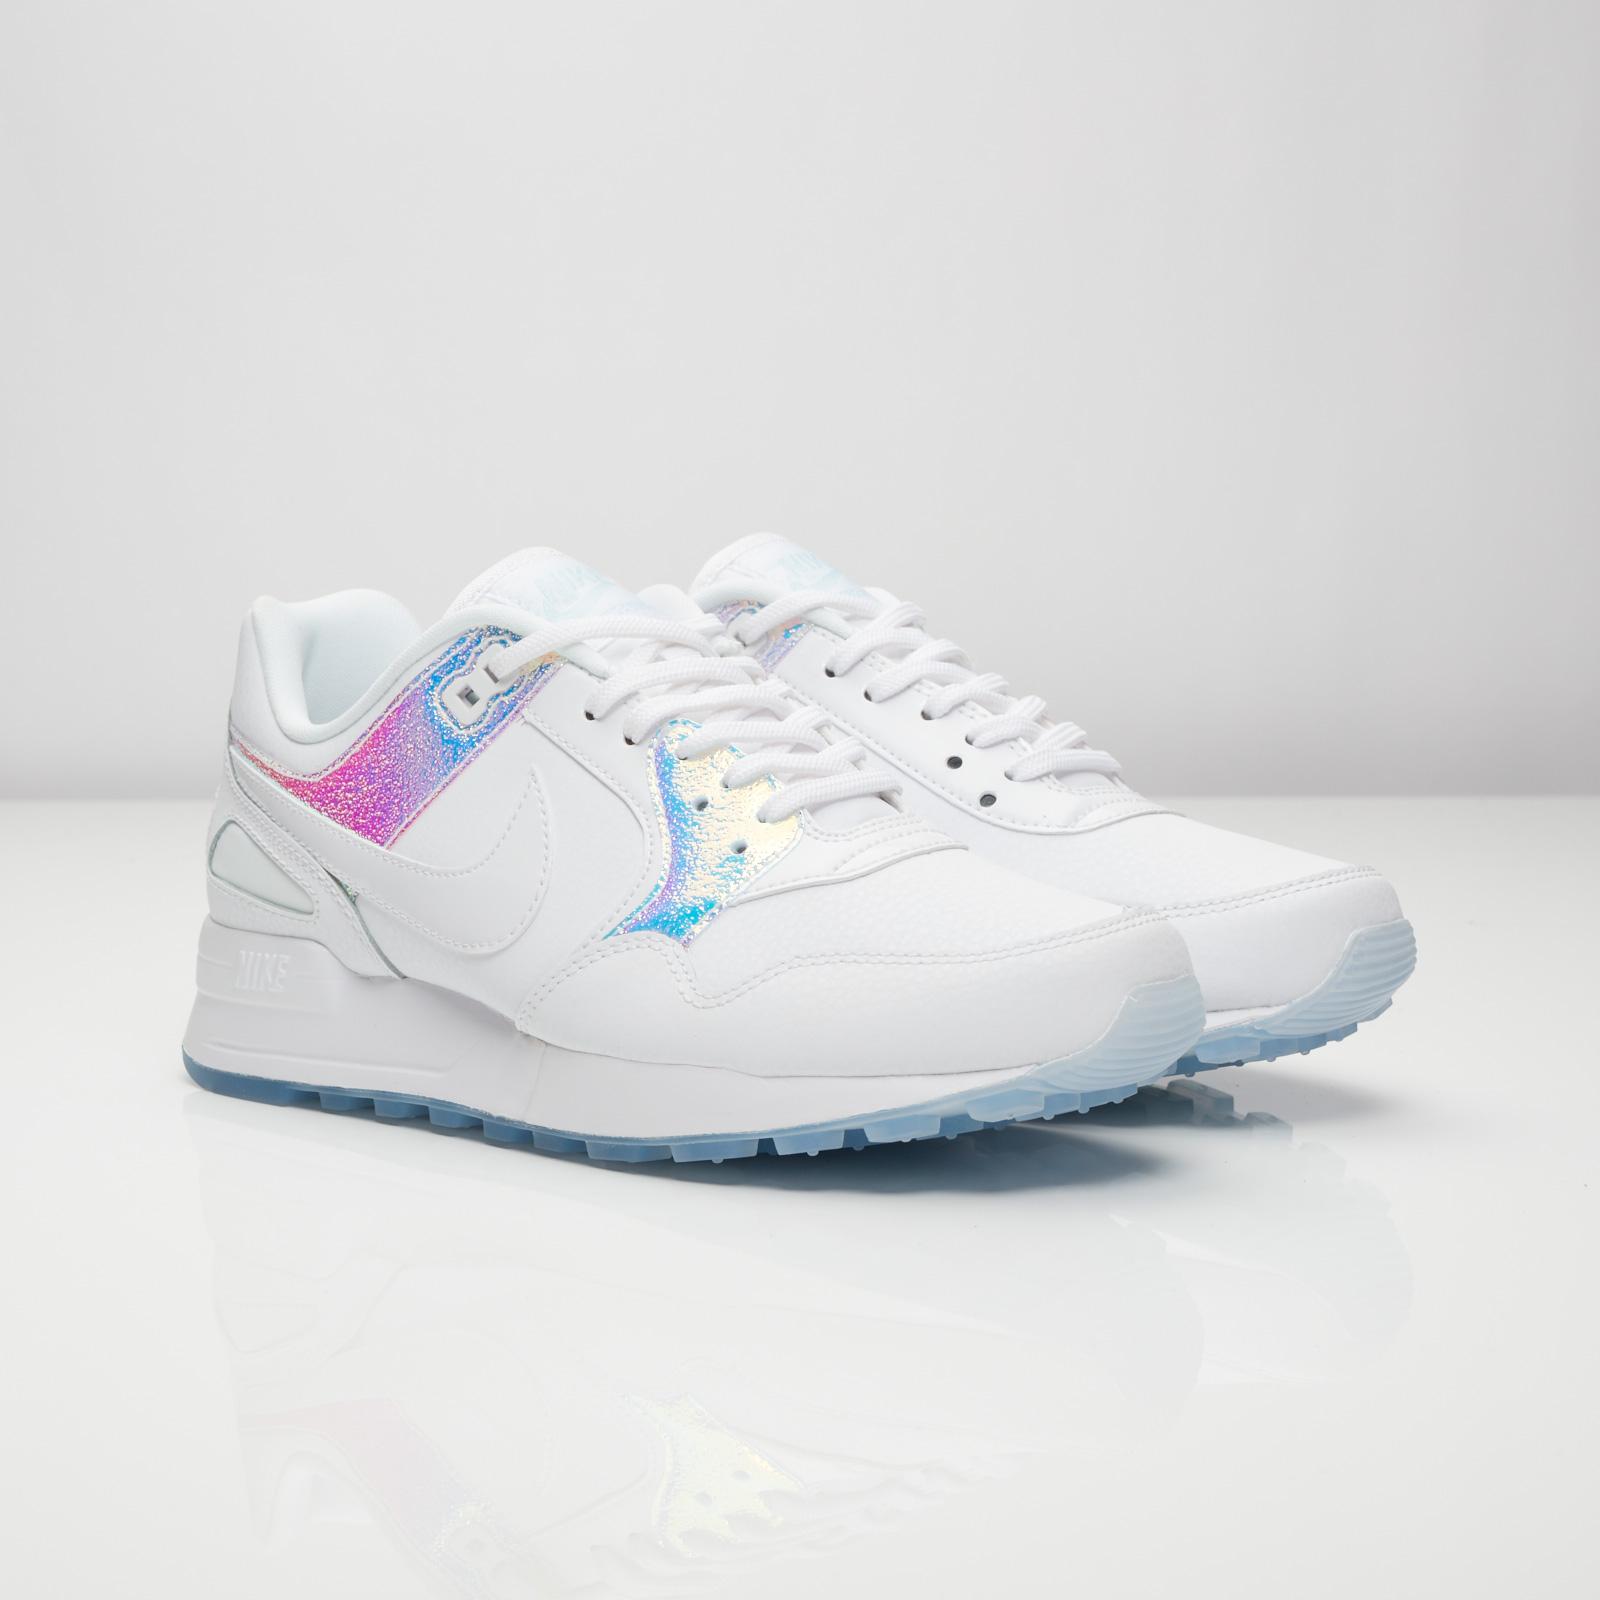 separation shoes 089ff c1b45 Nike W Air Pegasus 89 Premium